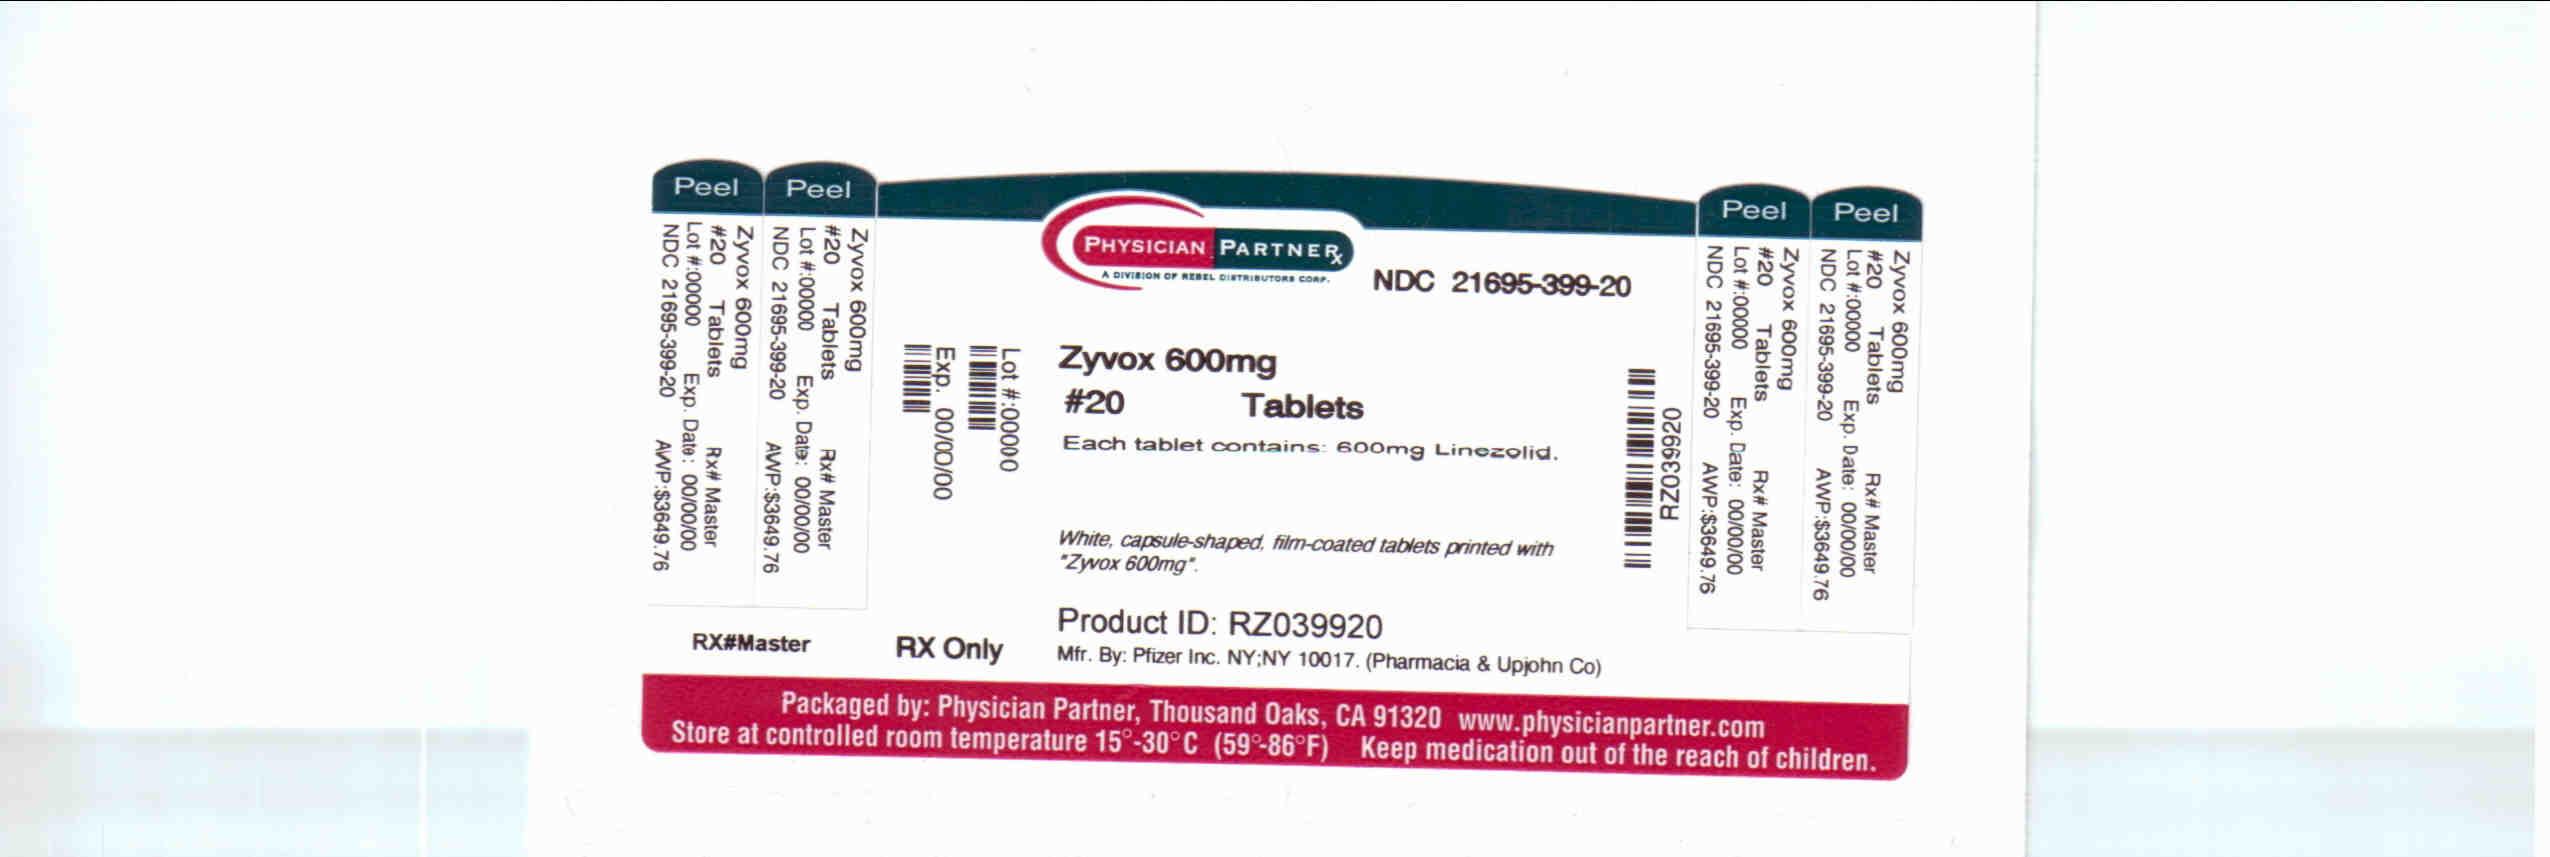 Zyvox 600 mg